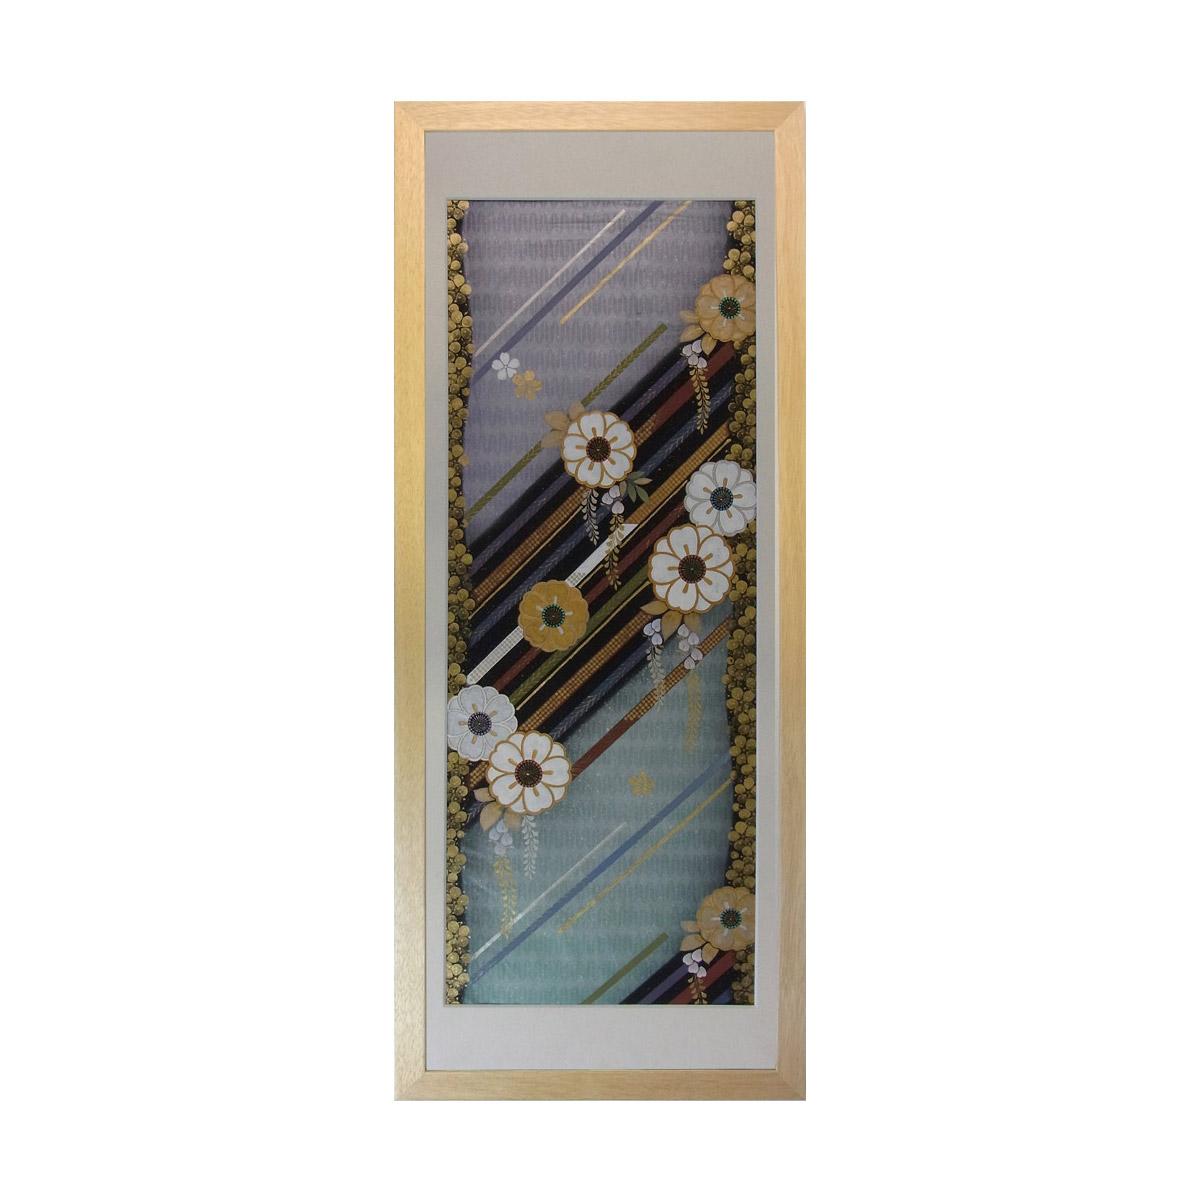 和風の額 壁掛インテリア 西陣織帯原画のアートフレーム 《29》